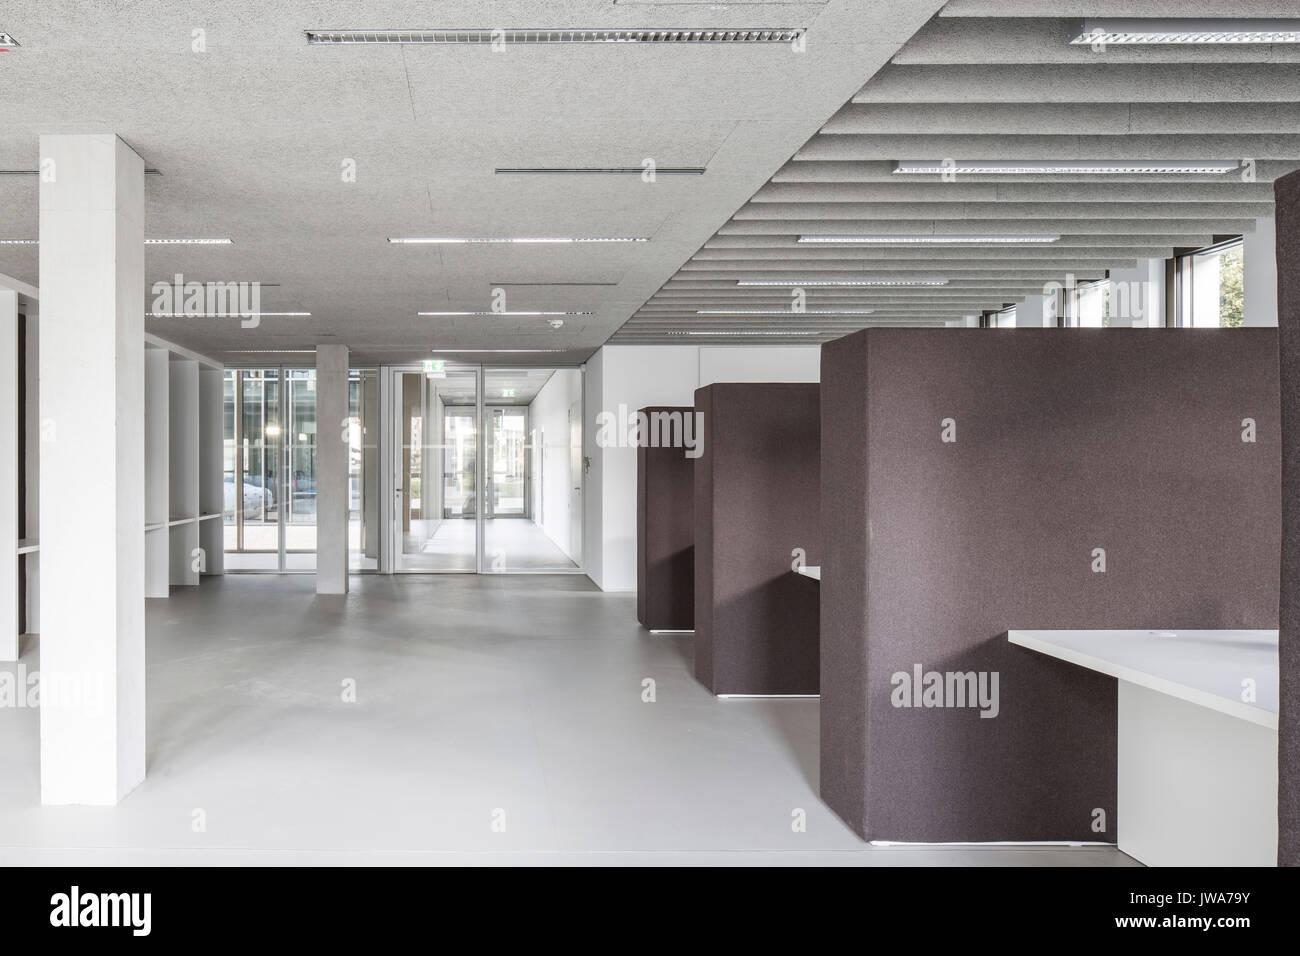 Architekten Biberach view through reception and information finanzamt finance